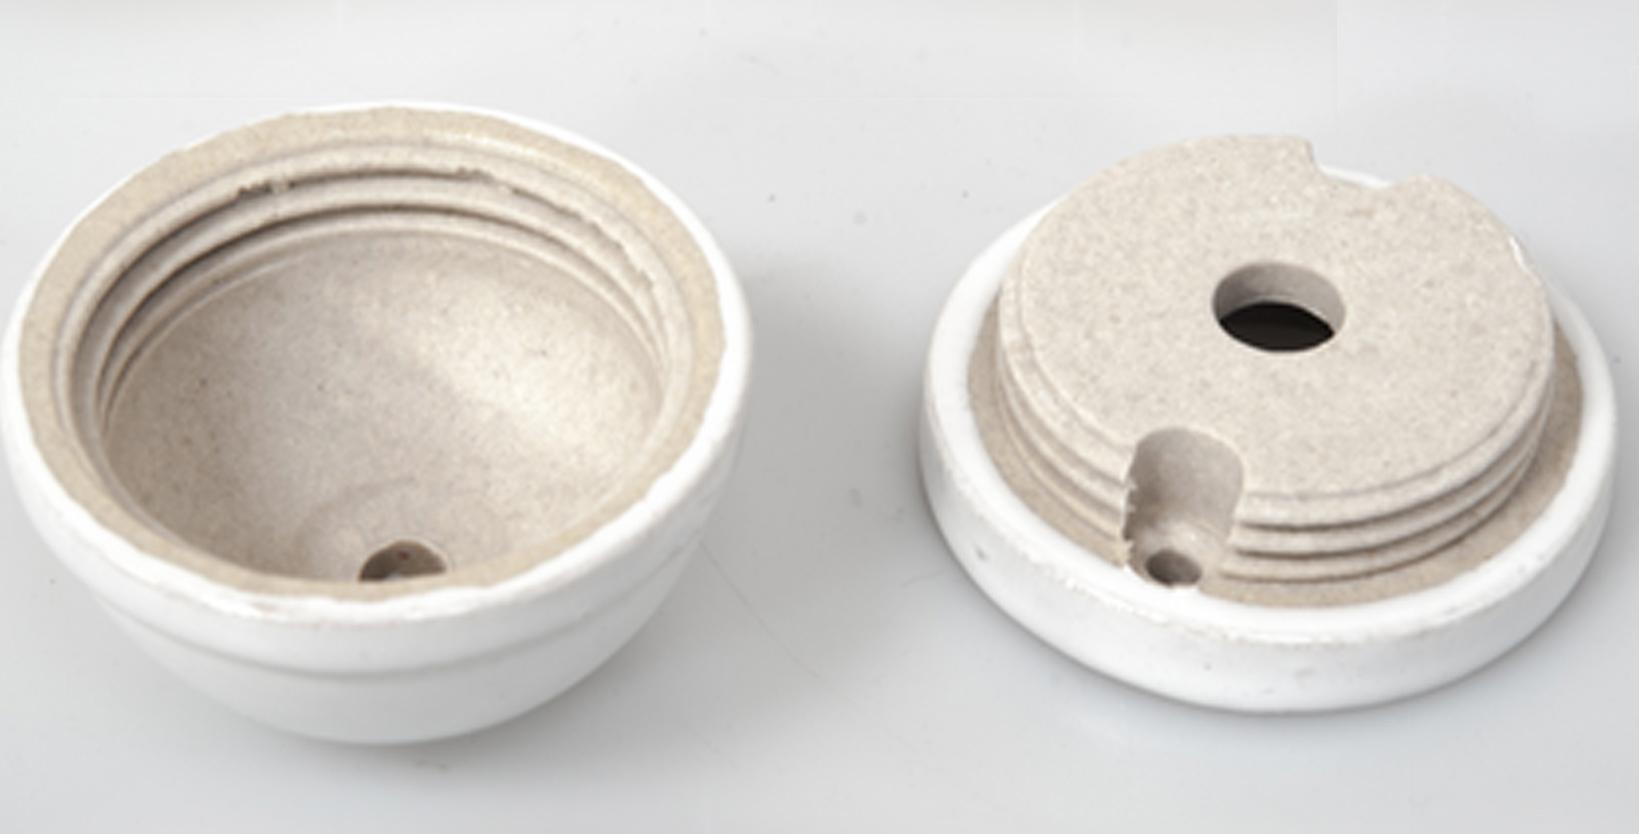 snobsknobs ceramic dome ceiling rose white - snobsknobs